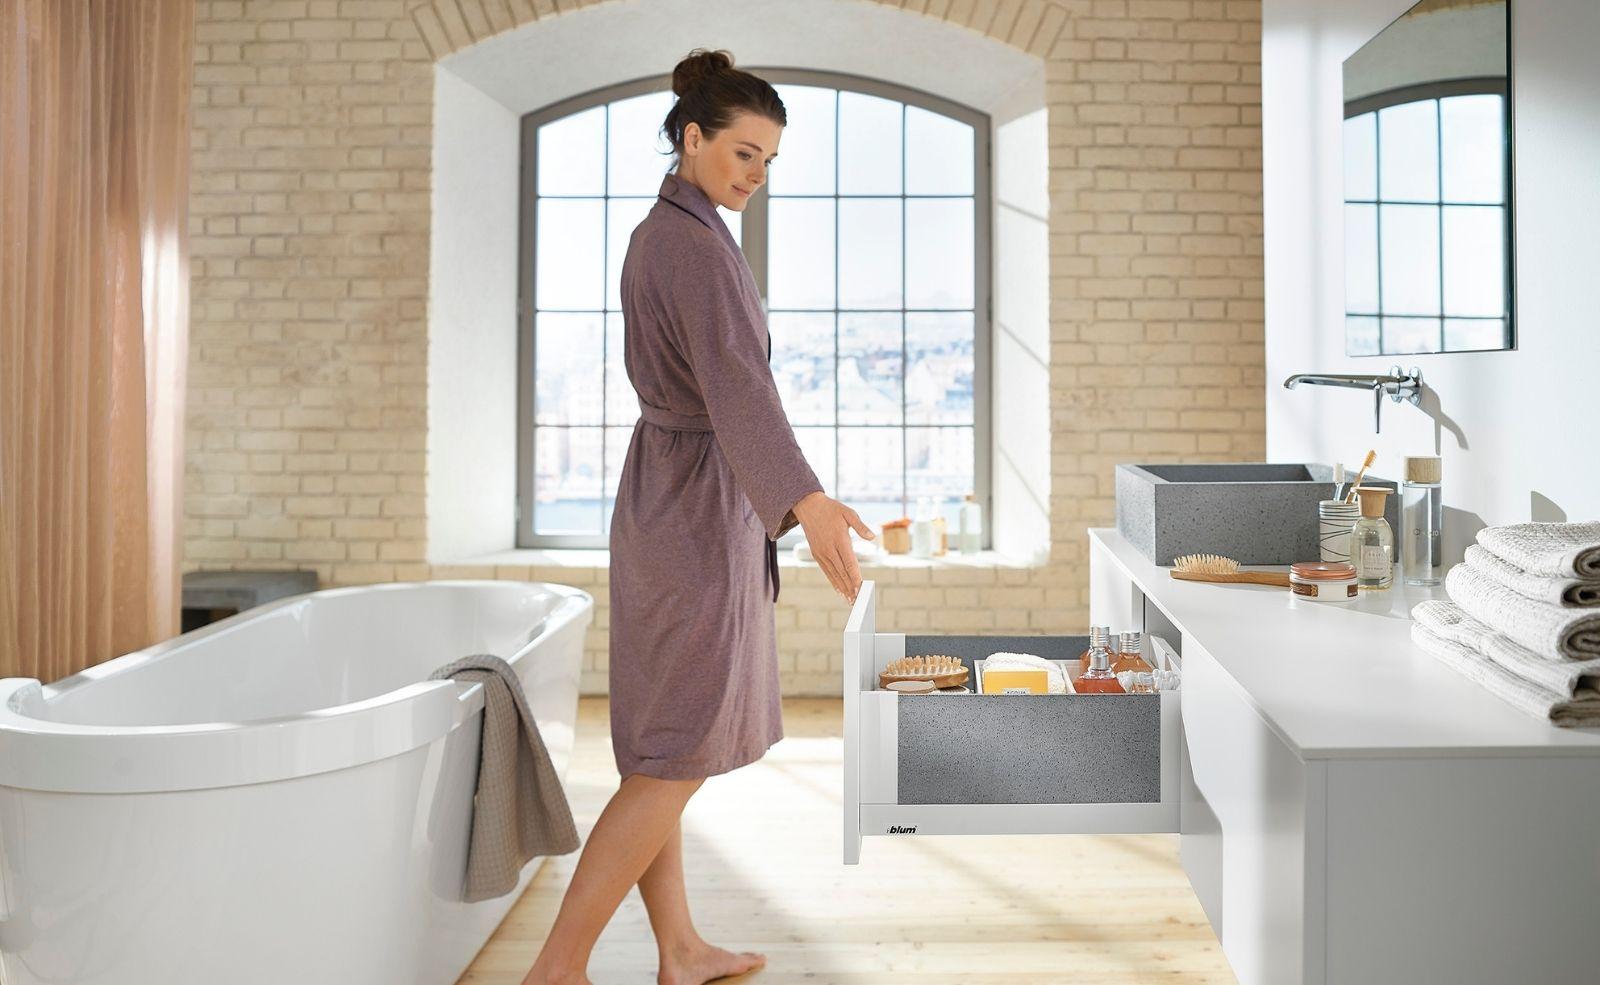 Badmöbel für jedes Alter Auch im Badezimmer ist Ergonomie das A und O